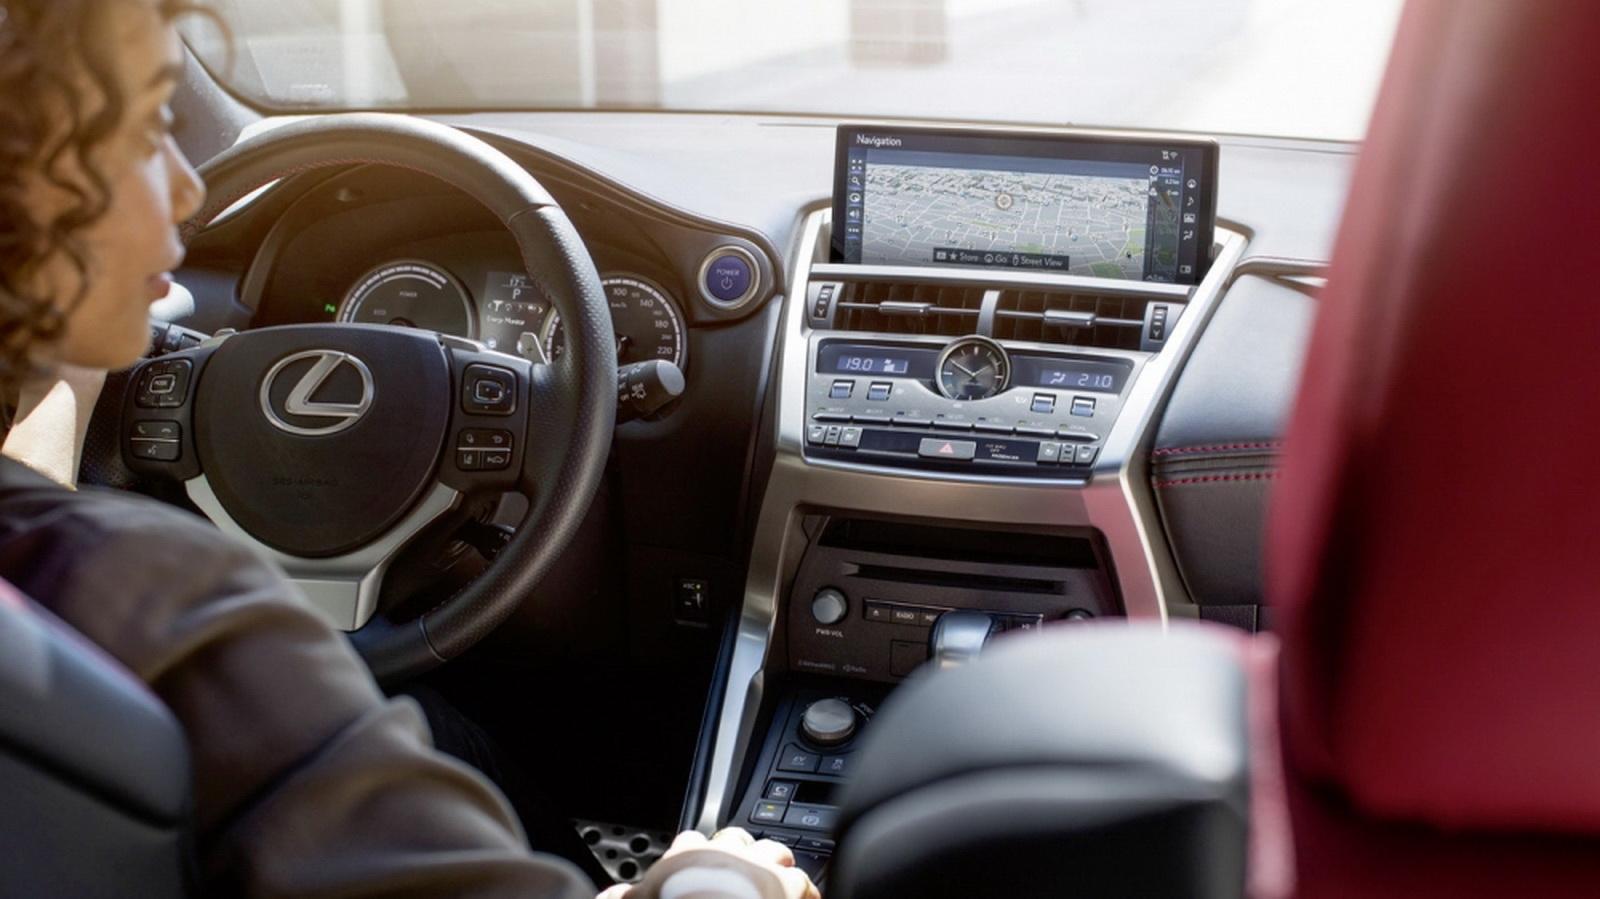 圖/Lexus NX 200中控台螢幕升級為10.3吋,空調控制鍵則採用媲美飛機駕艙的撥鈕,兼具科技感與極簡風格。